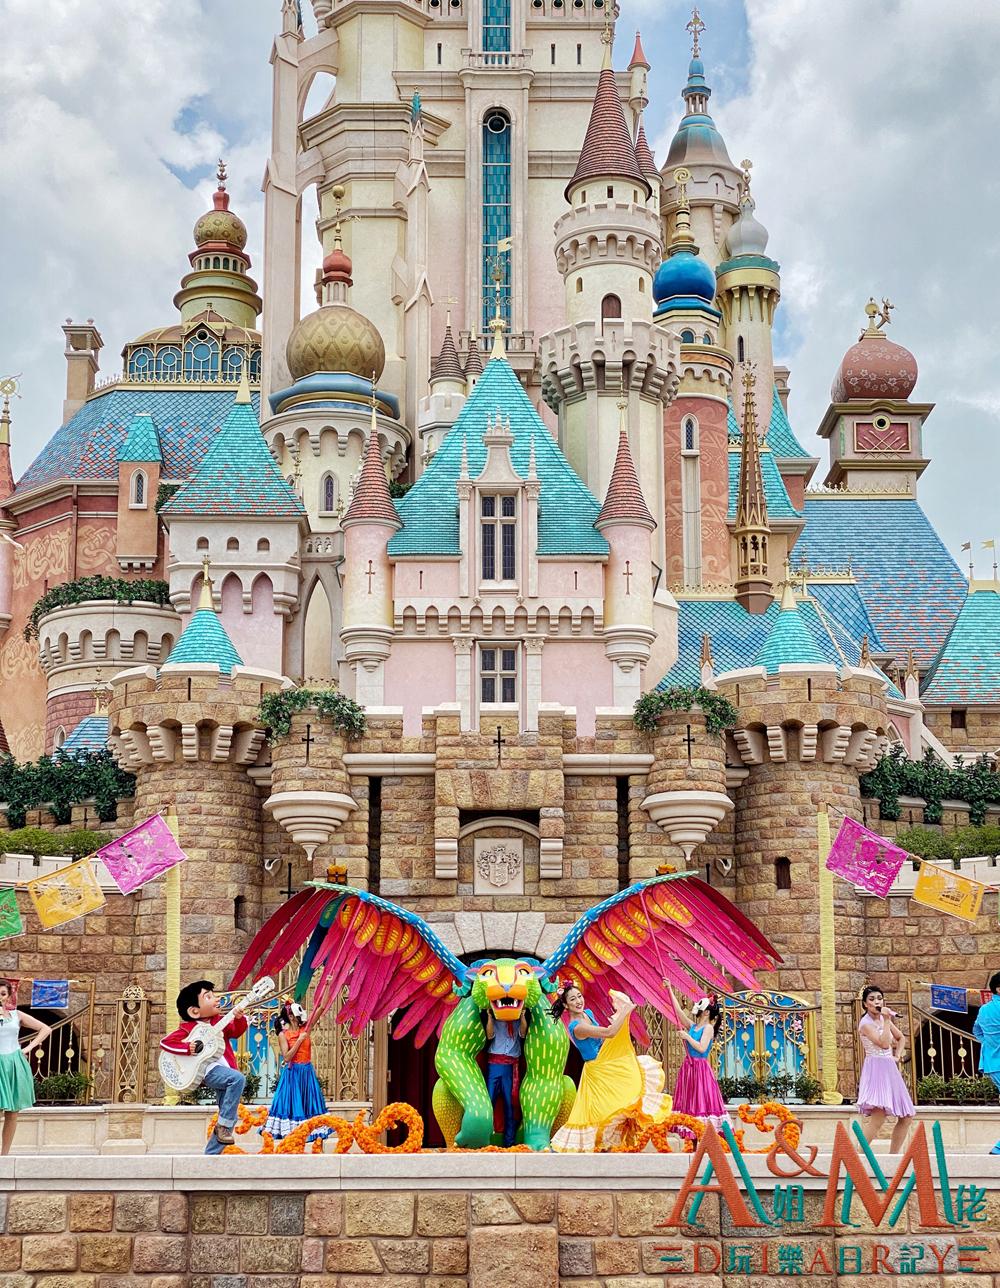 15周年慶祝活動 香港迪士尼樂園《迪士尼尋夢奇緣》